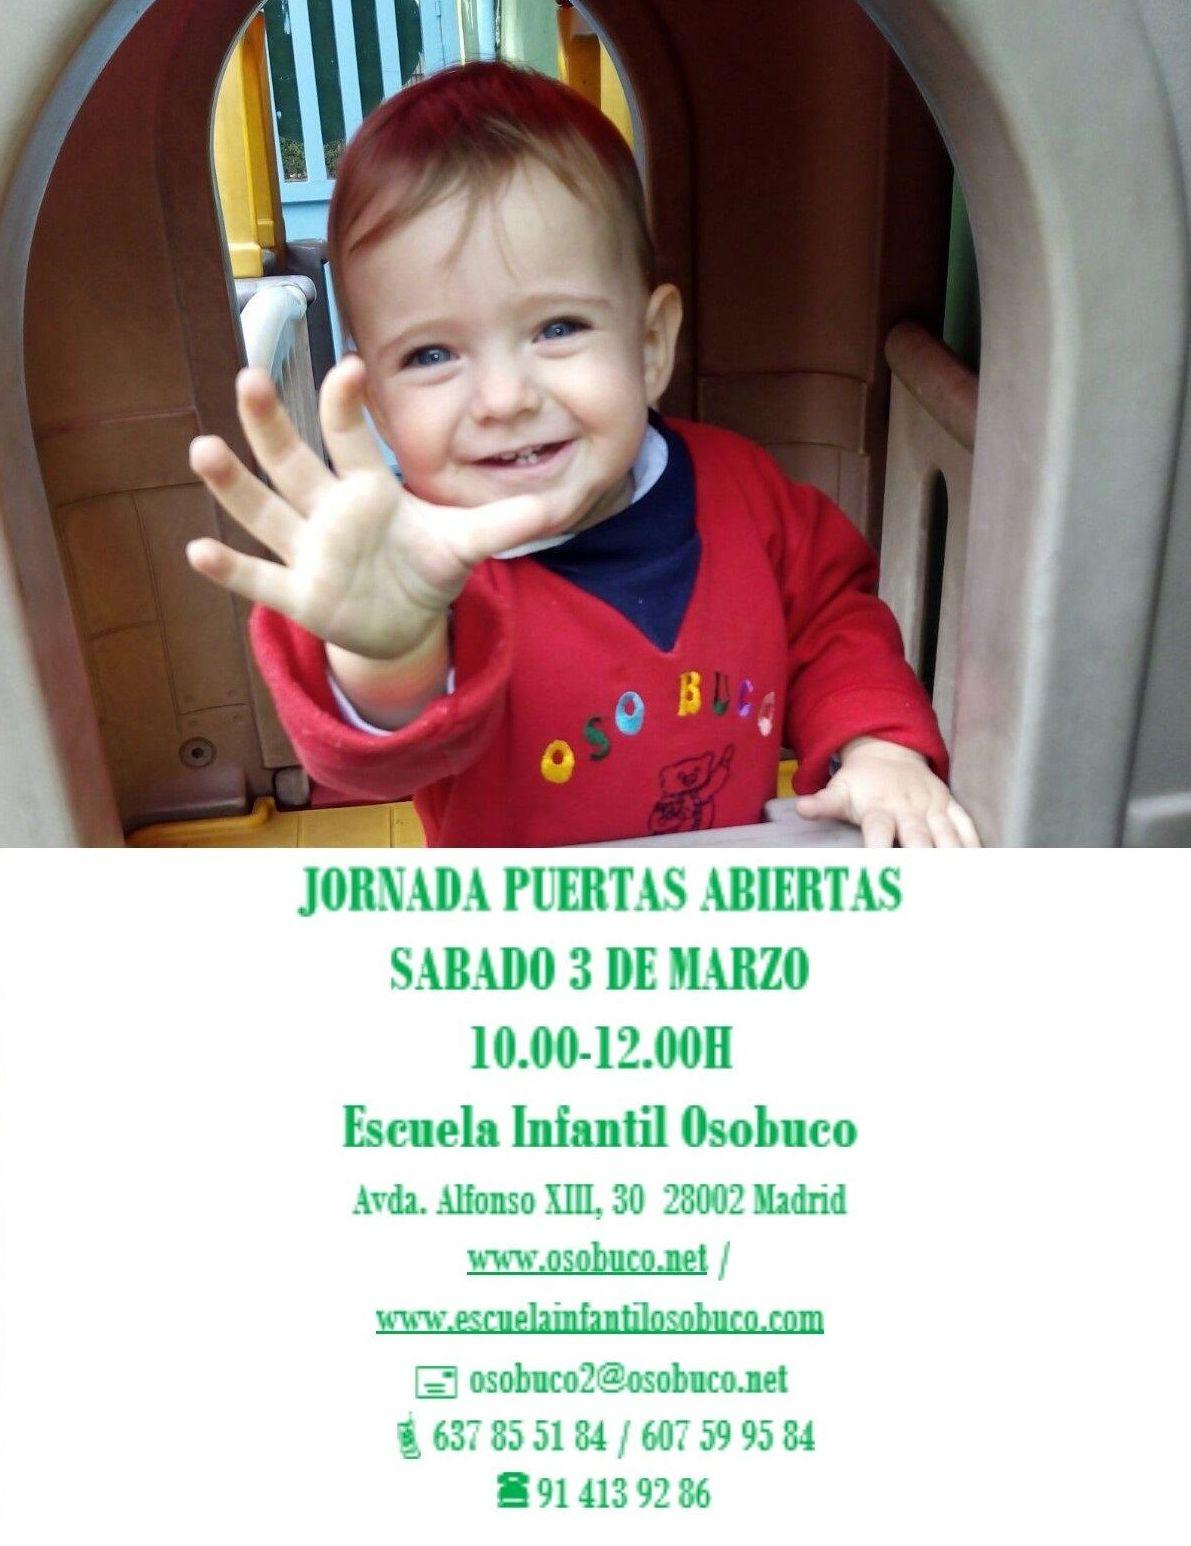 JORNADA DE PUERTAS ABIERTAS SÁBADO 3 DE MARZO 10.00-12.00H